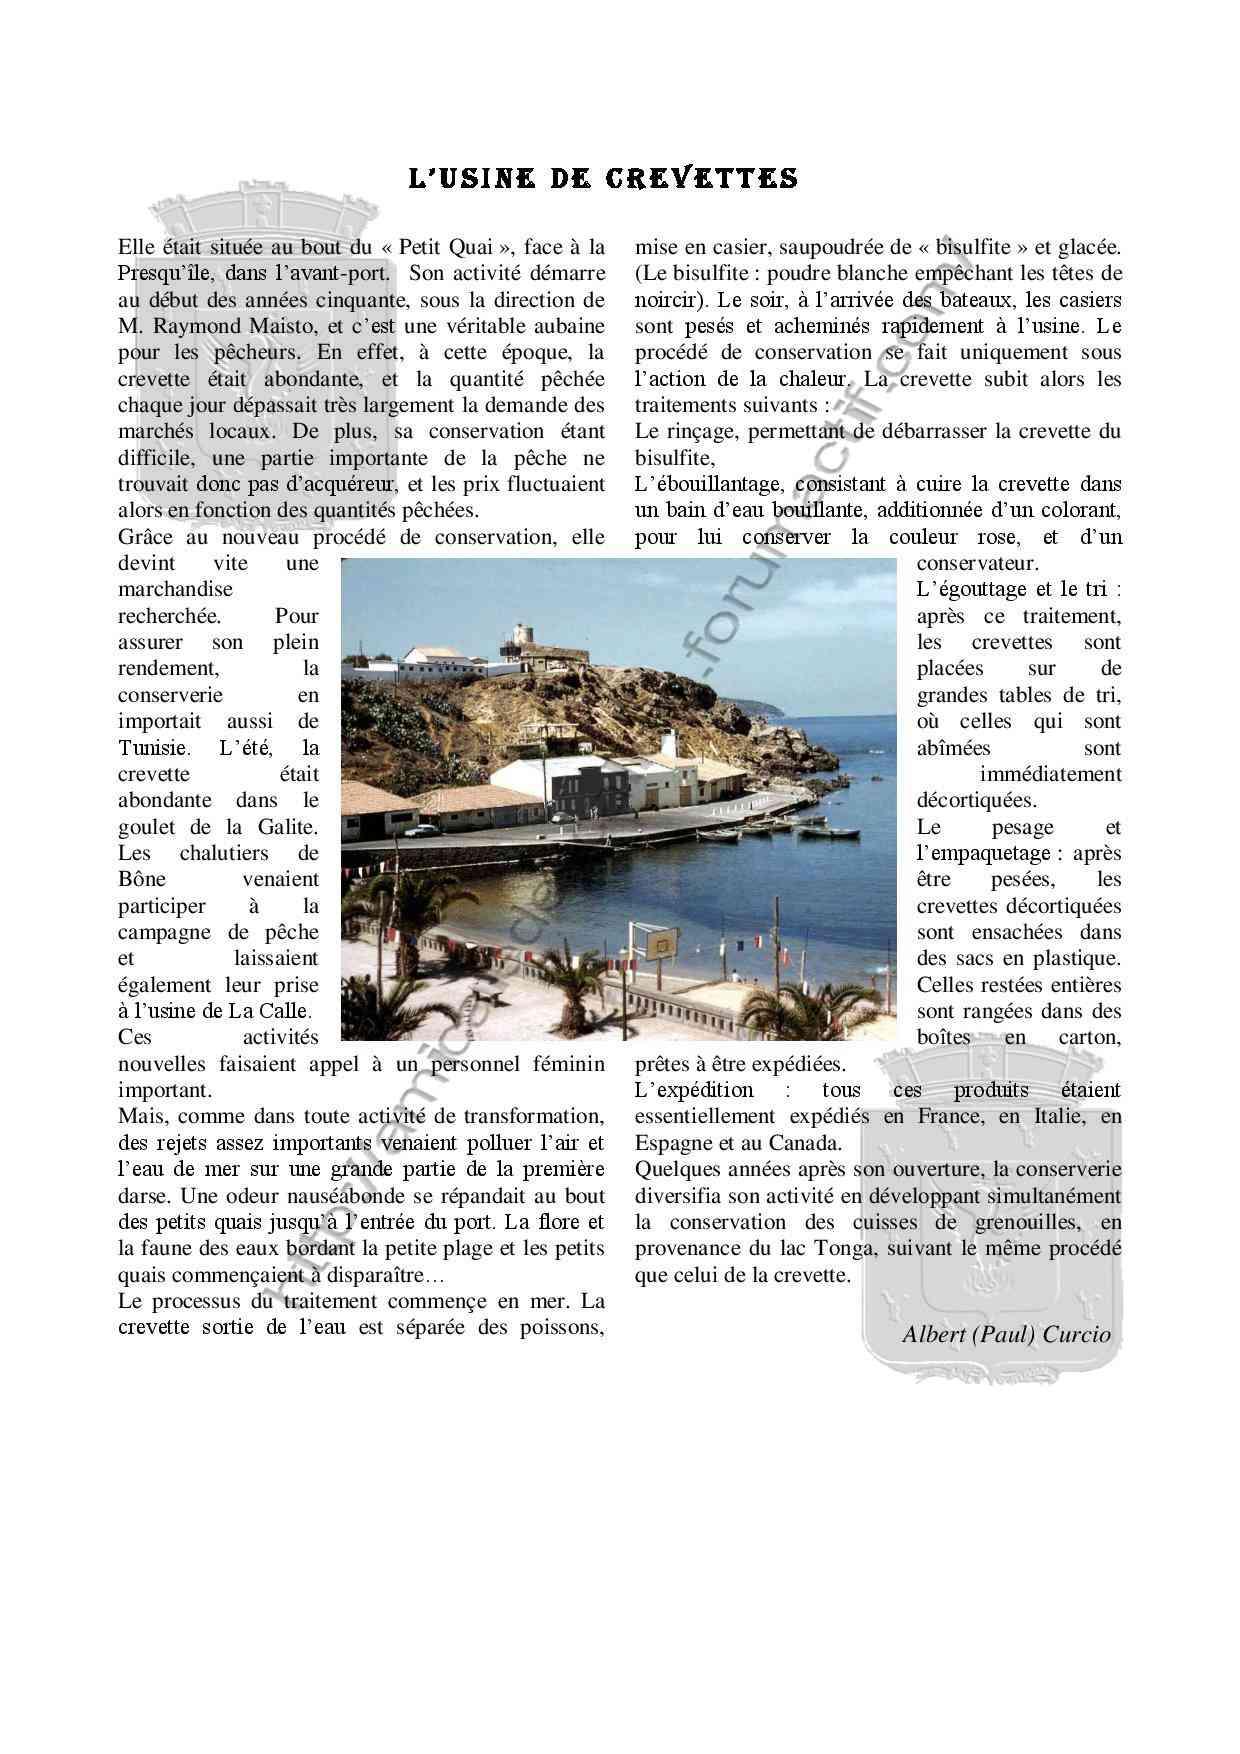 L usine de crevettes -Vie économique- Albert Curcio -Livre-  Livre_11